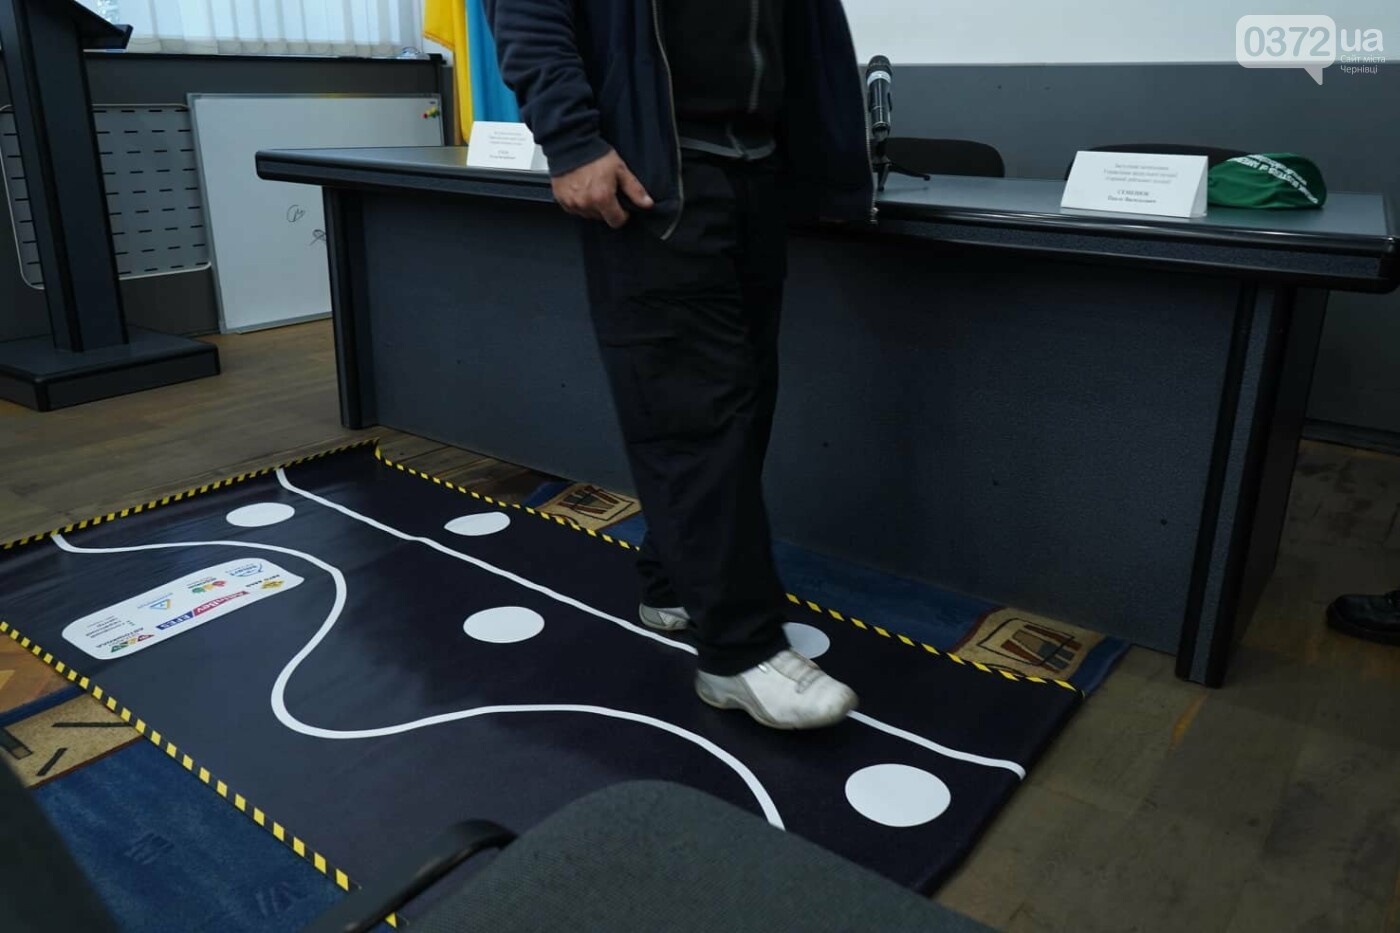 Алкоокуляри для водіїв: у Чернівцях презентували прилад, який імітує стан сп'яніння, фото-2